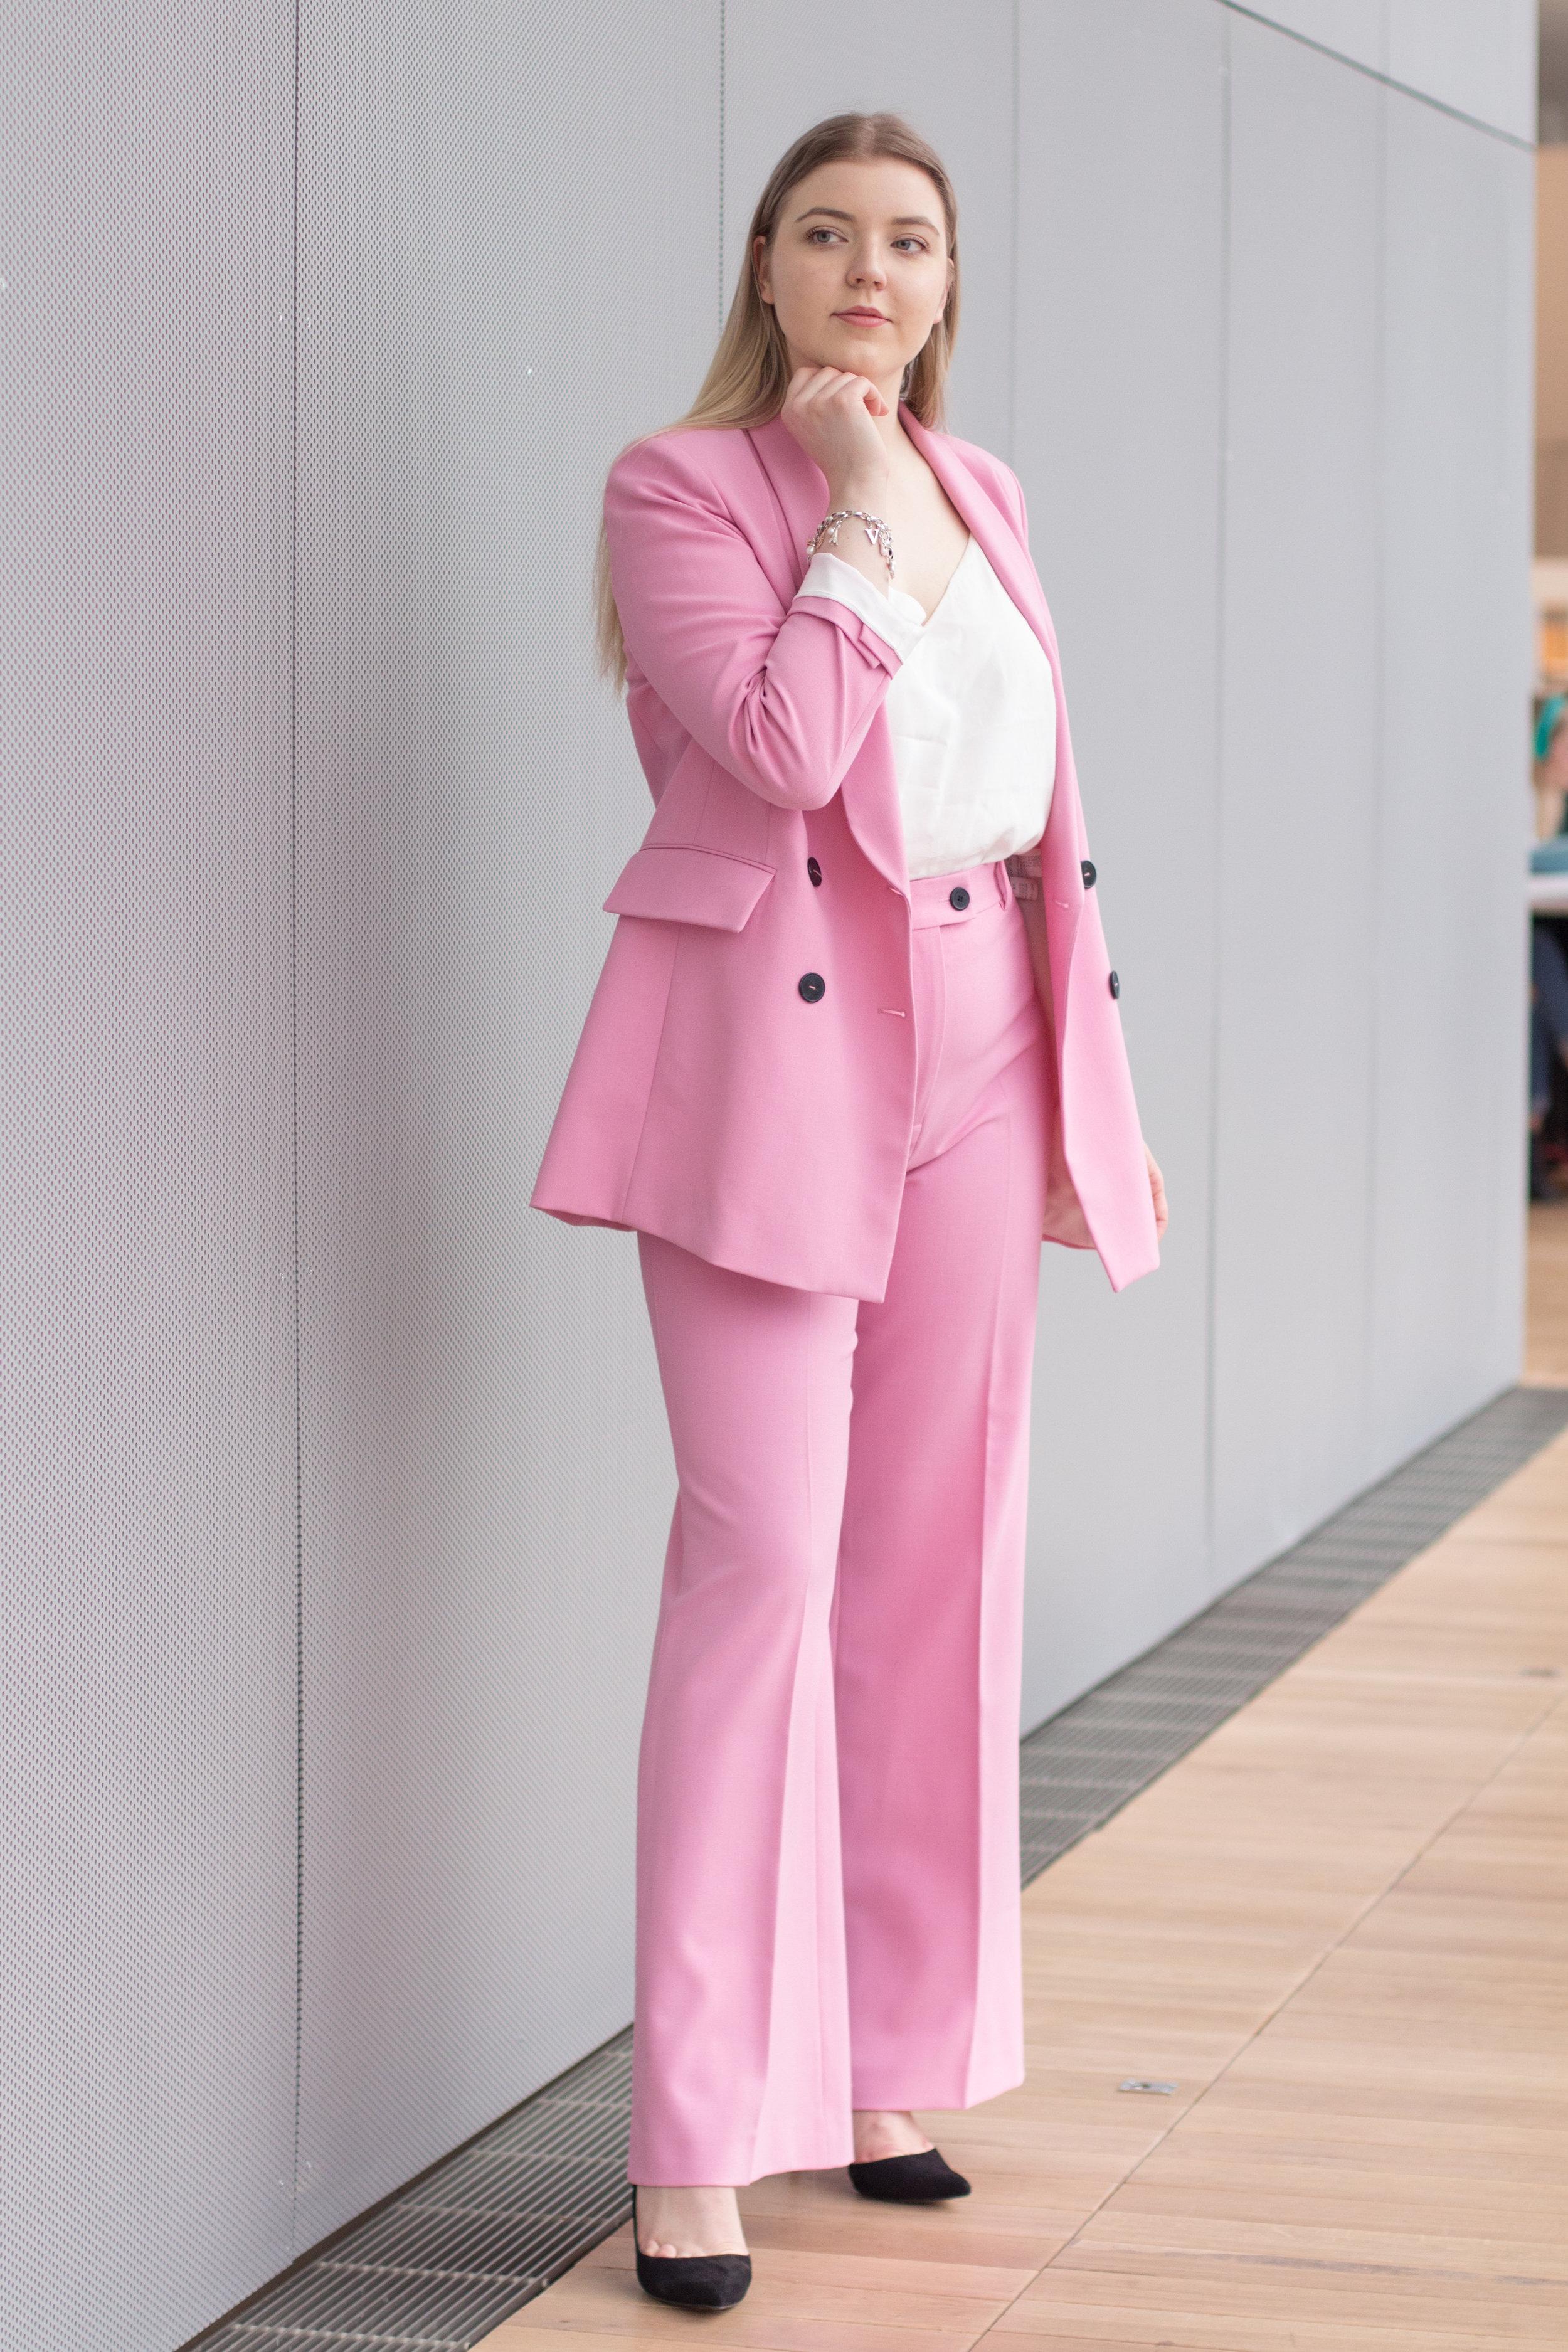 Barbie suit (7 of 18).jpg